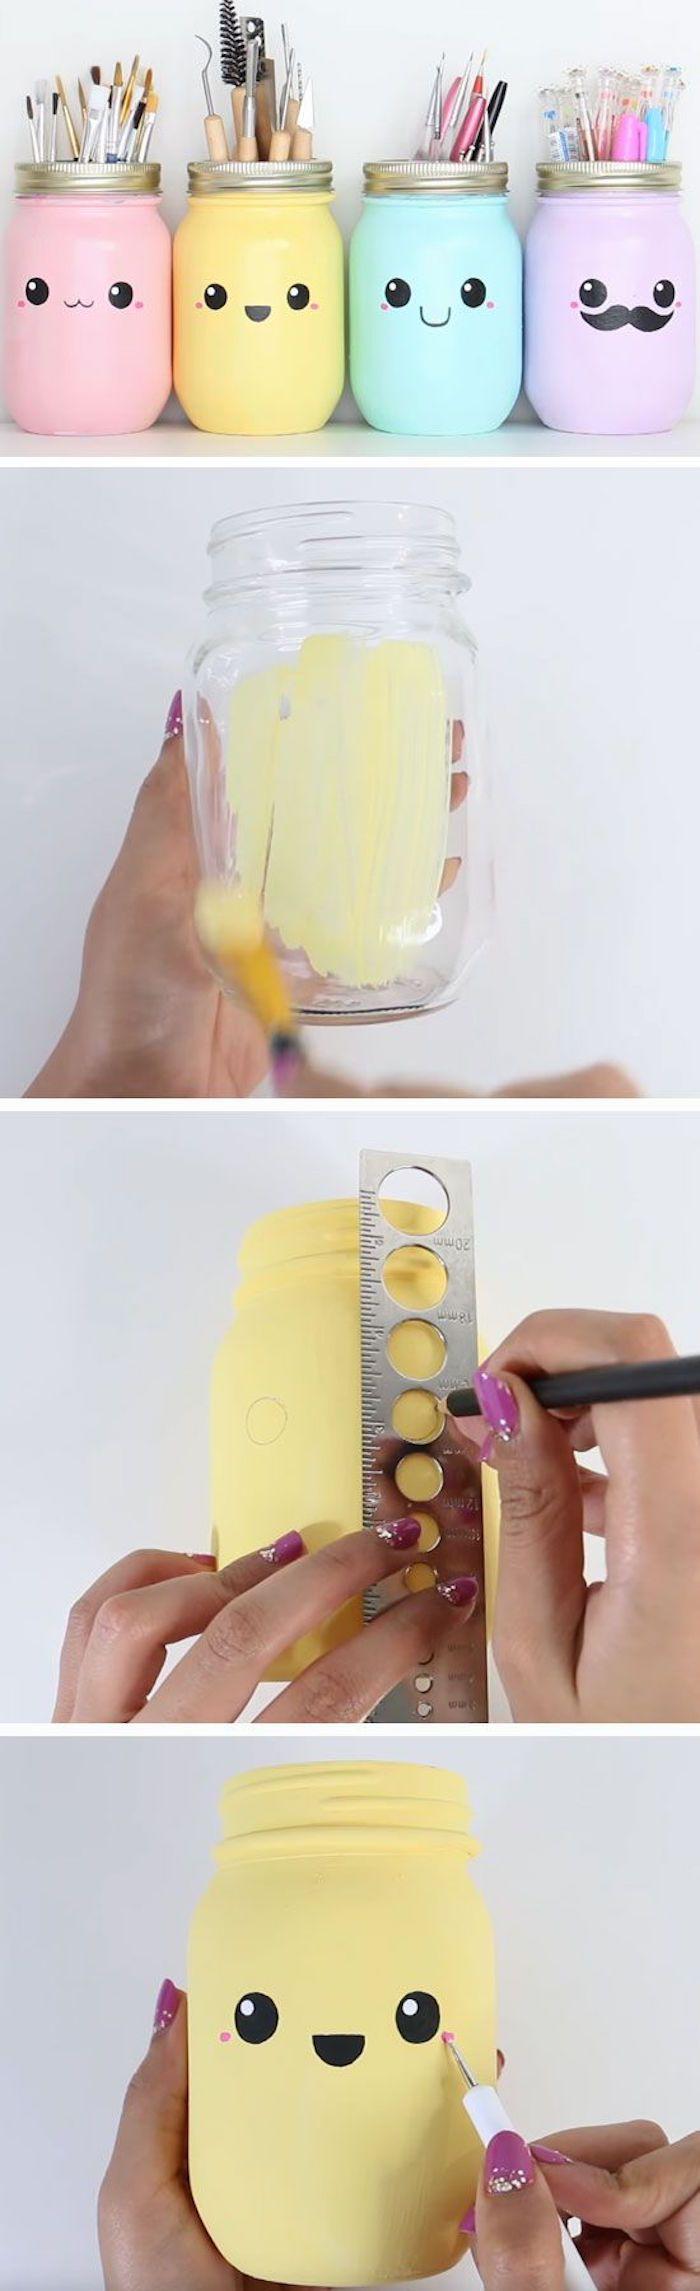 DIY, bunte Gläser mit Gesichtern für Kugelschreiber, Bleistifte und Pinsel